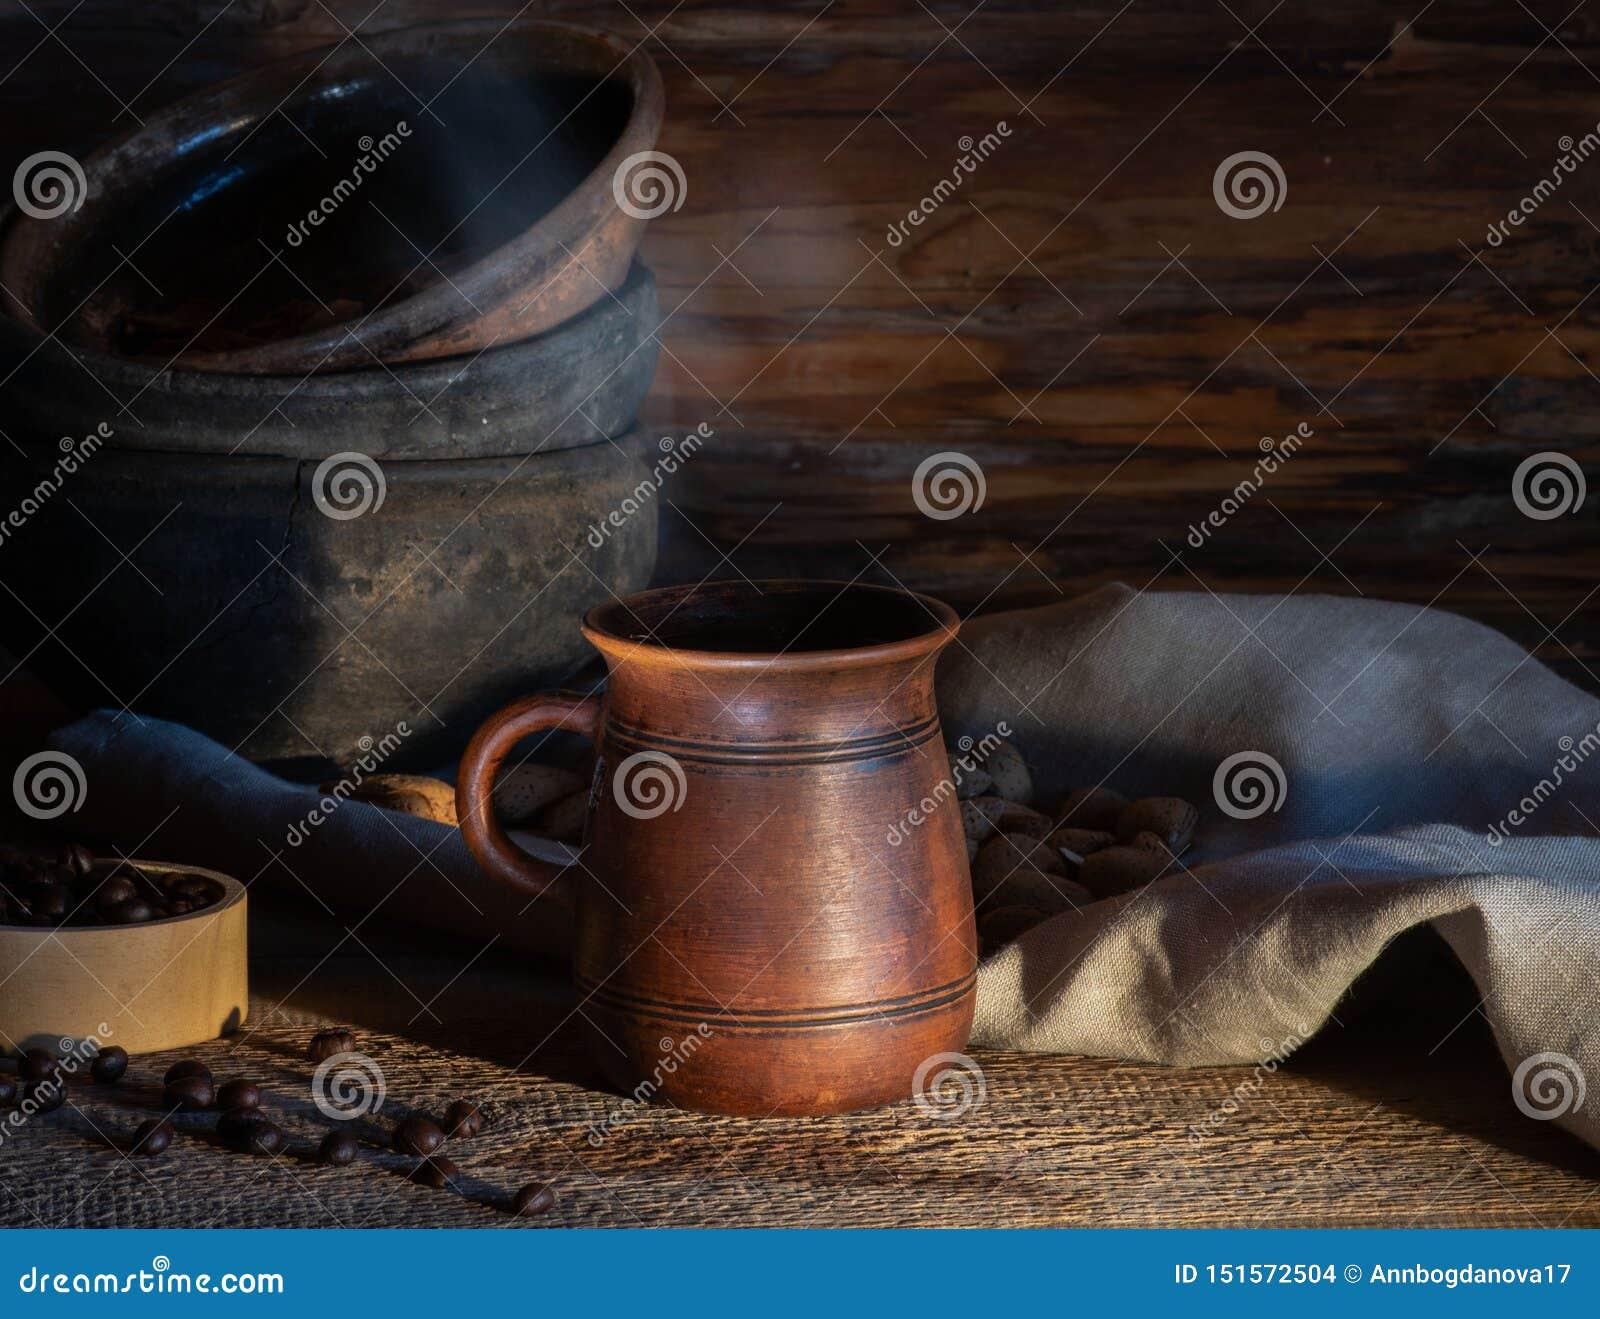 Café quente em uma caneca com vapor em uma placa de madeira na perspectiva dos utensílios de mesa cerâmicos velhos Estilo r?stico